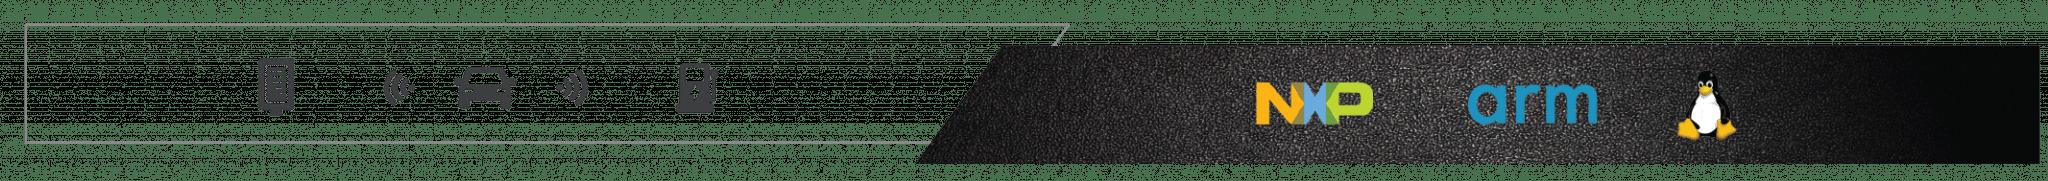 v to x logo bar NXP imx8l